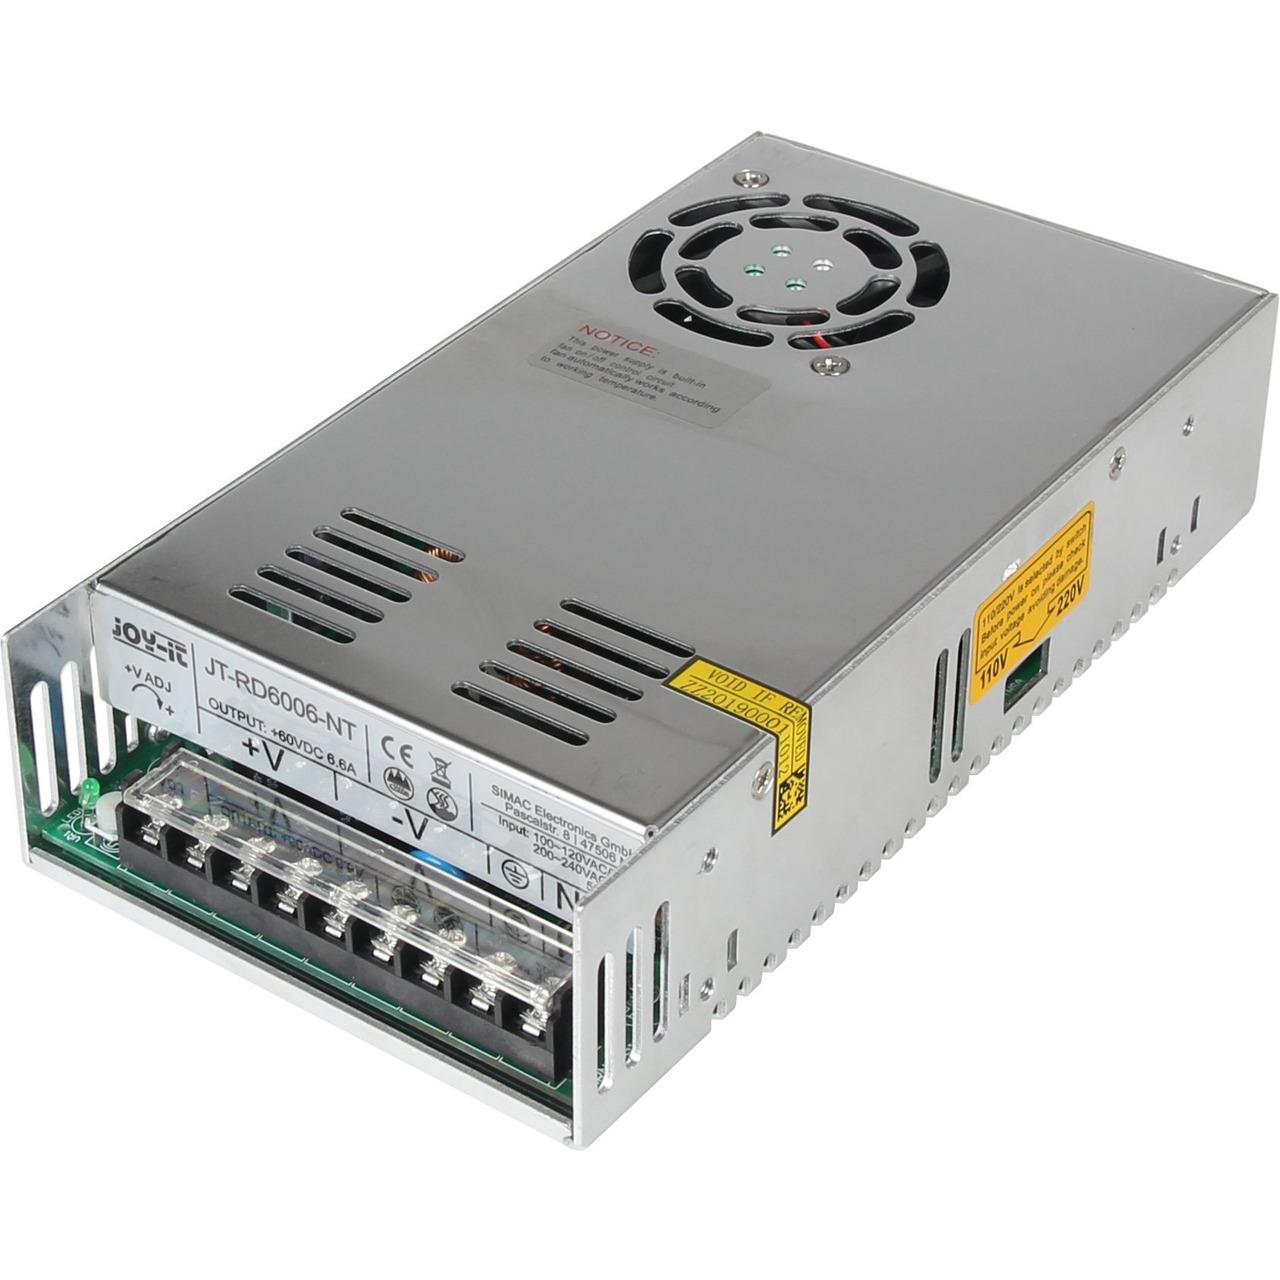 Joy-IT-Netzteil JT-RD6006-NT fund-252 r das JT-RD6006 mit 60 V-6-6 A  400 W